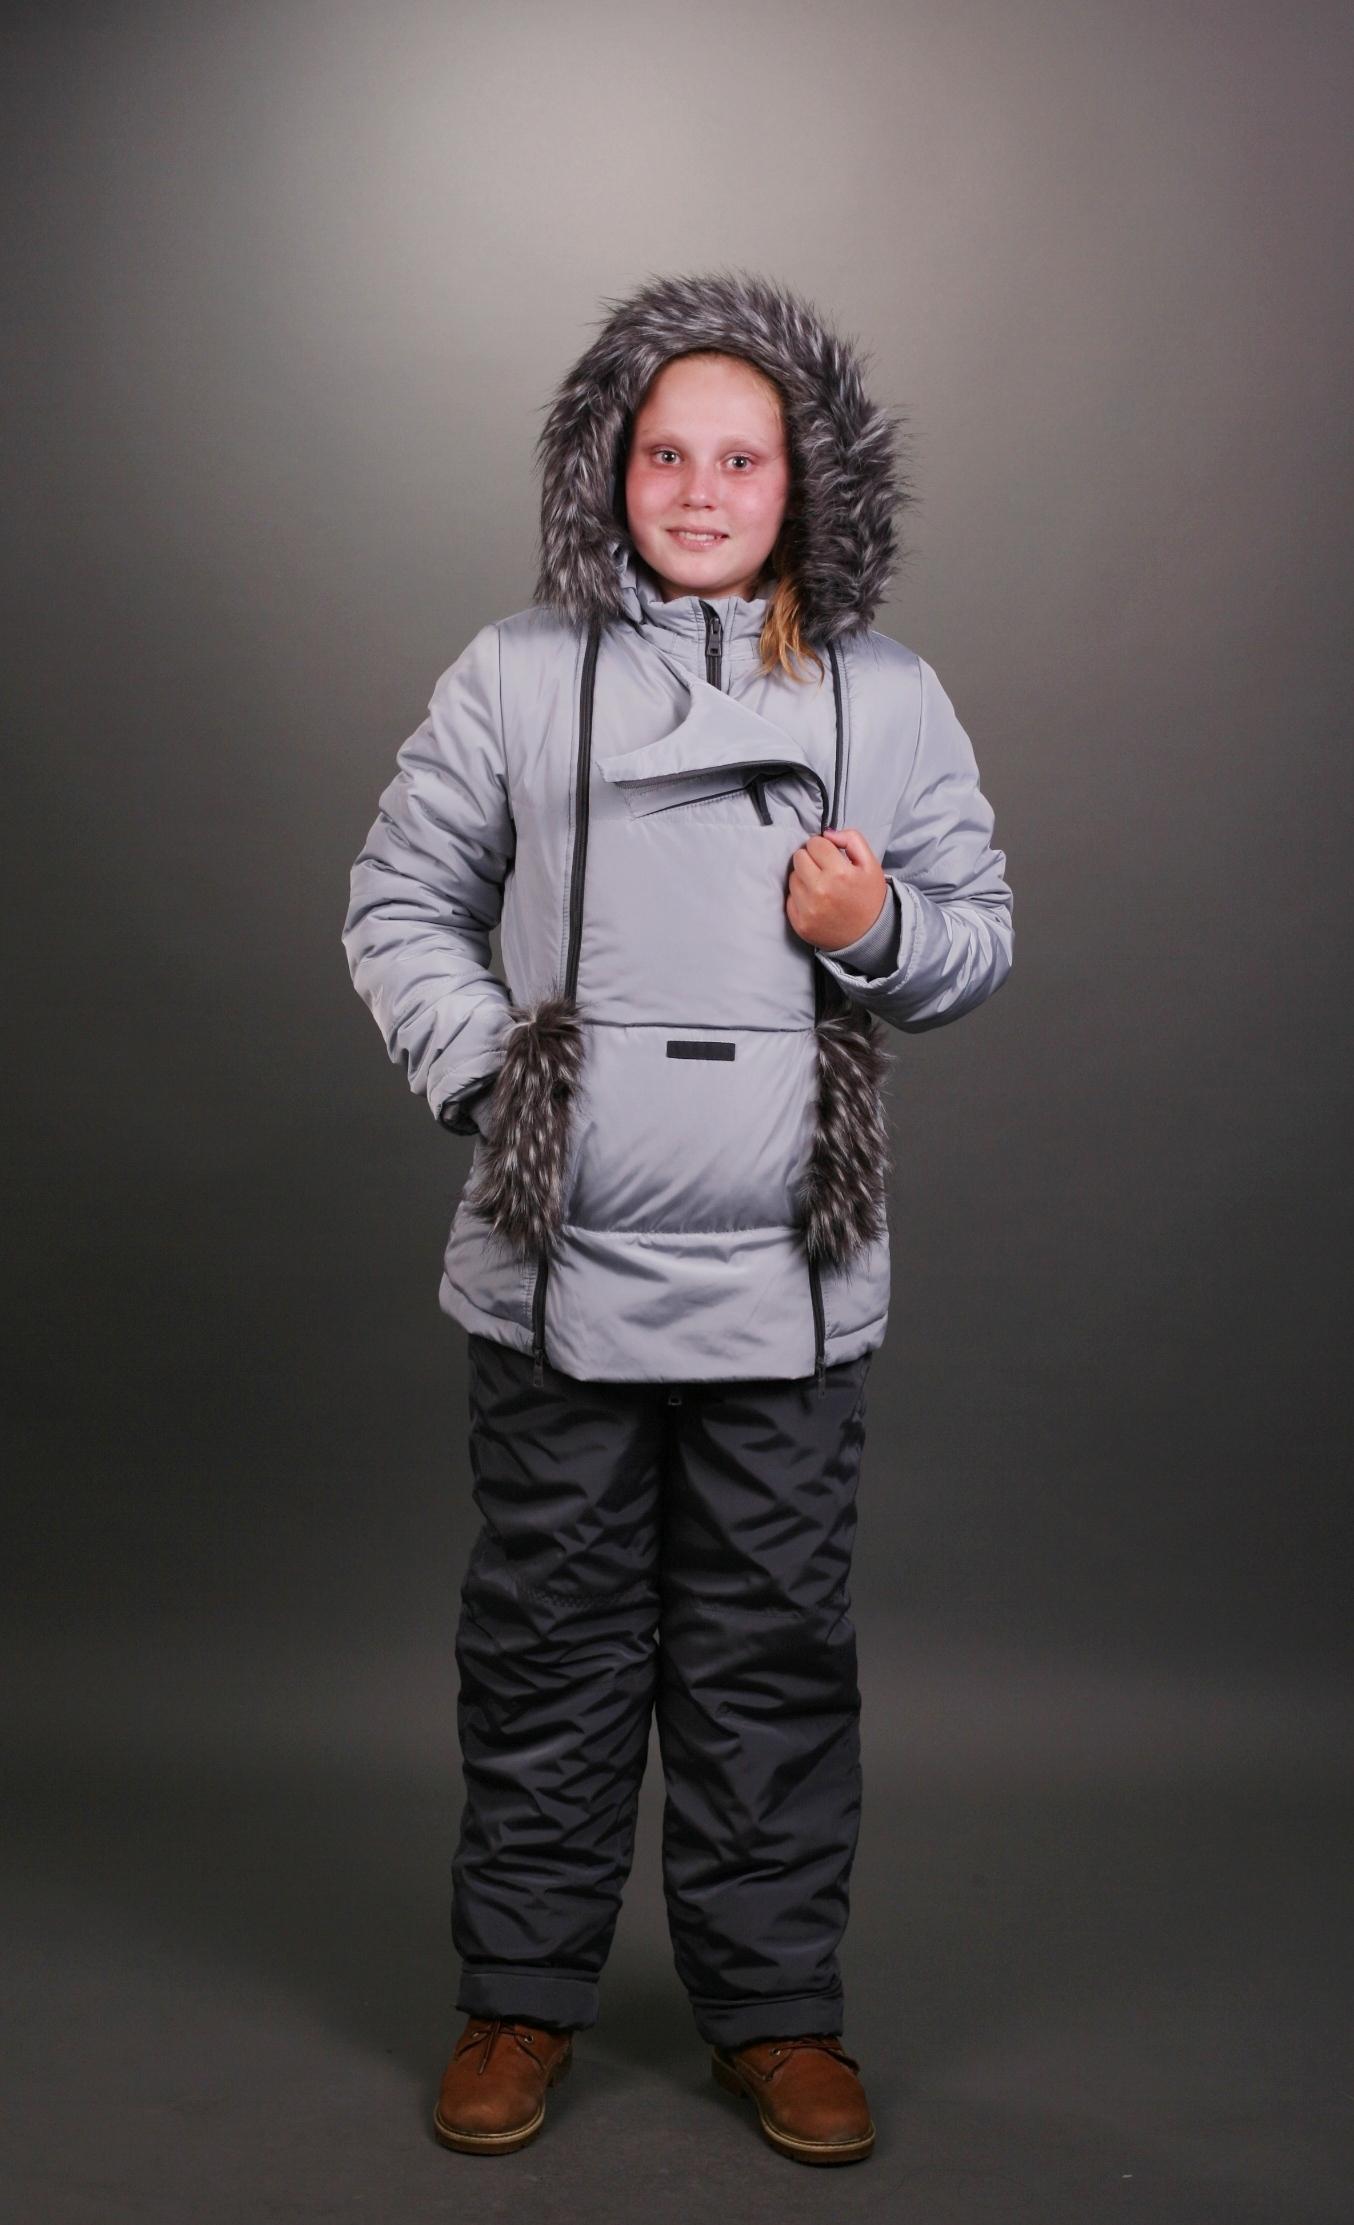 детская одежда дешевая оптом